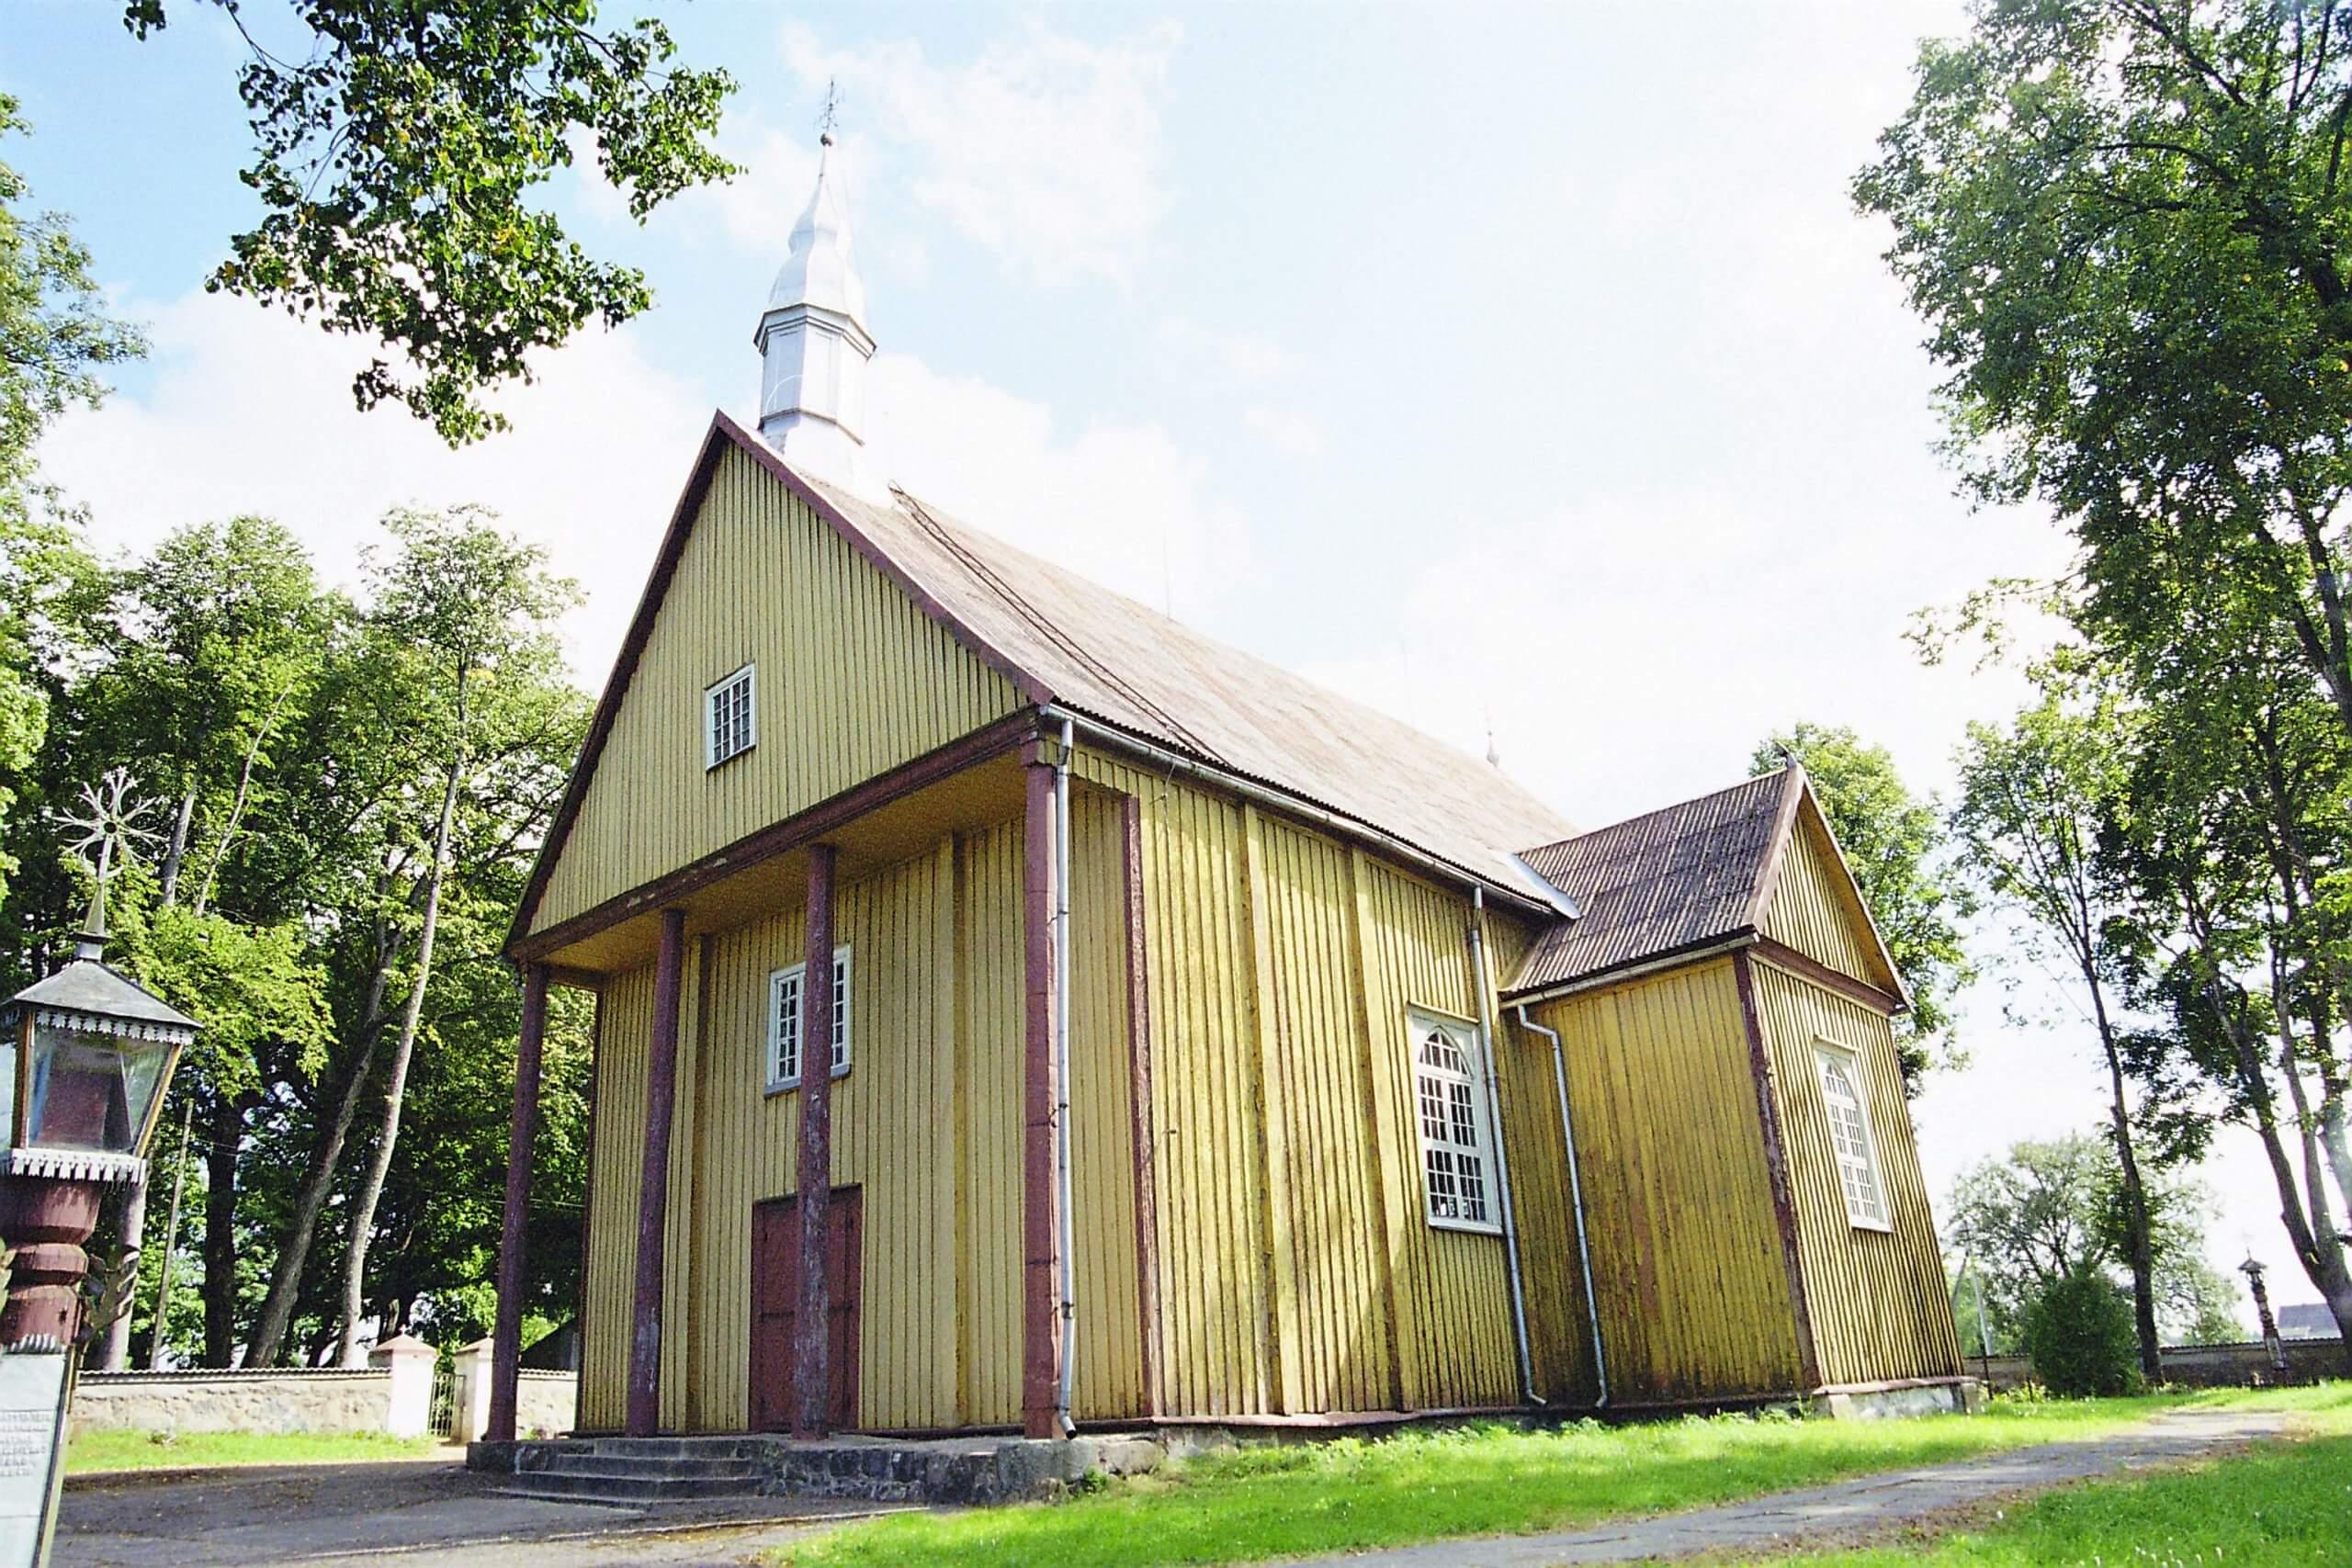 Karklėnų Šv. apaštalo Baltramiejaus bažnyčia (Kelmės rajonas)